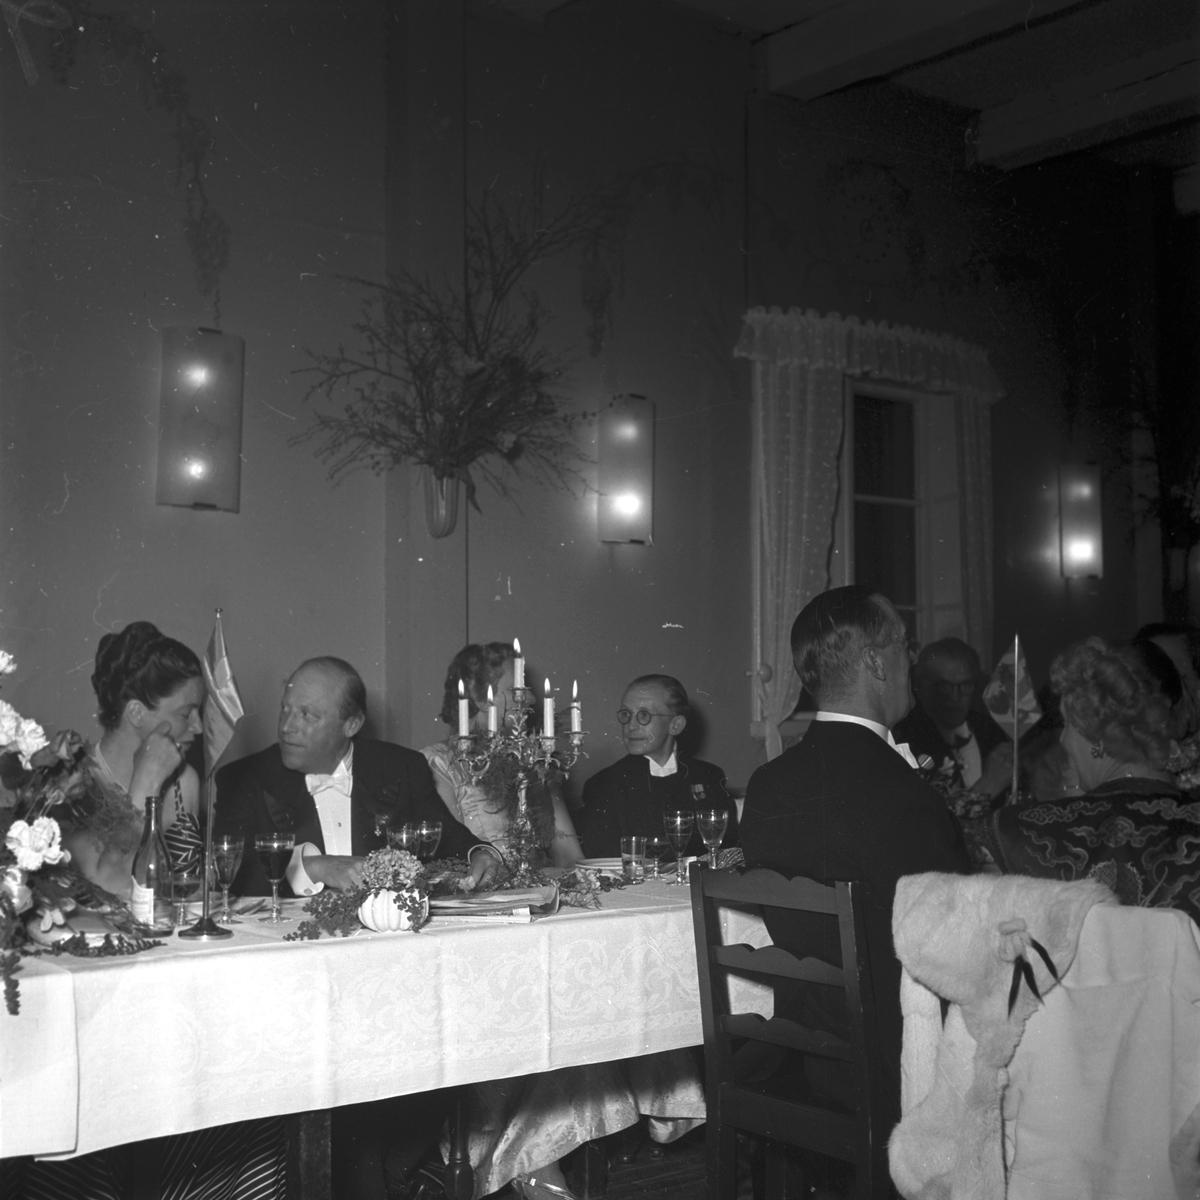 Direktör Gösta Nygren 50-årsdag i Furuvik. 23 april 1949.